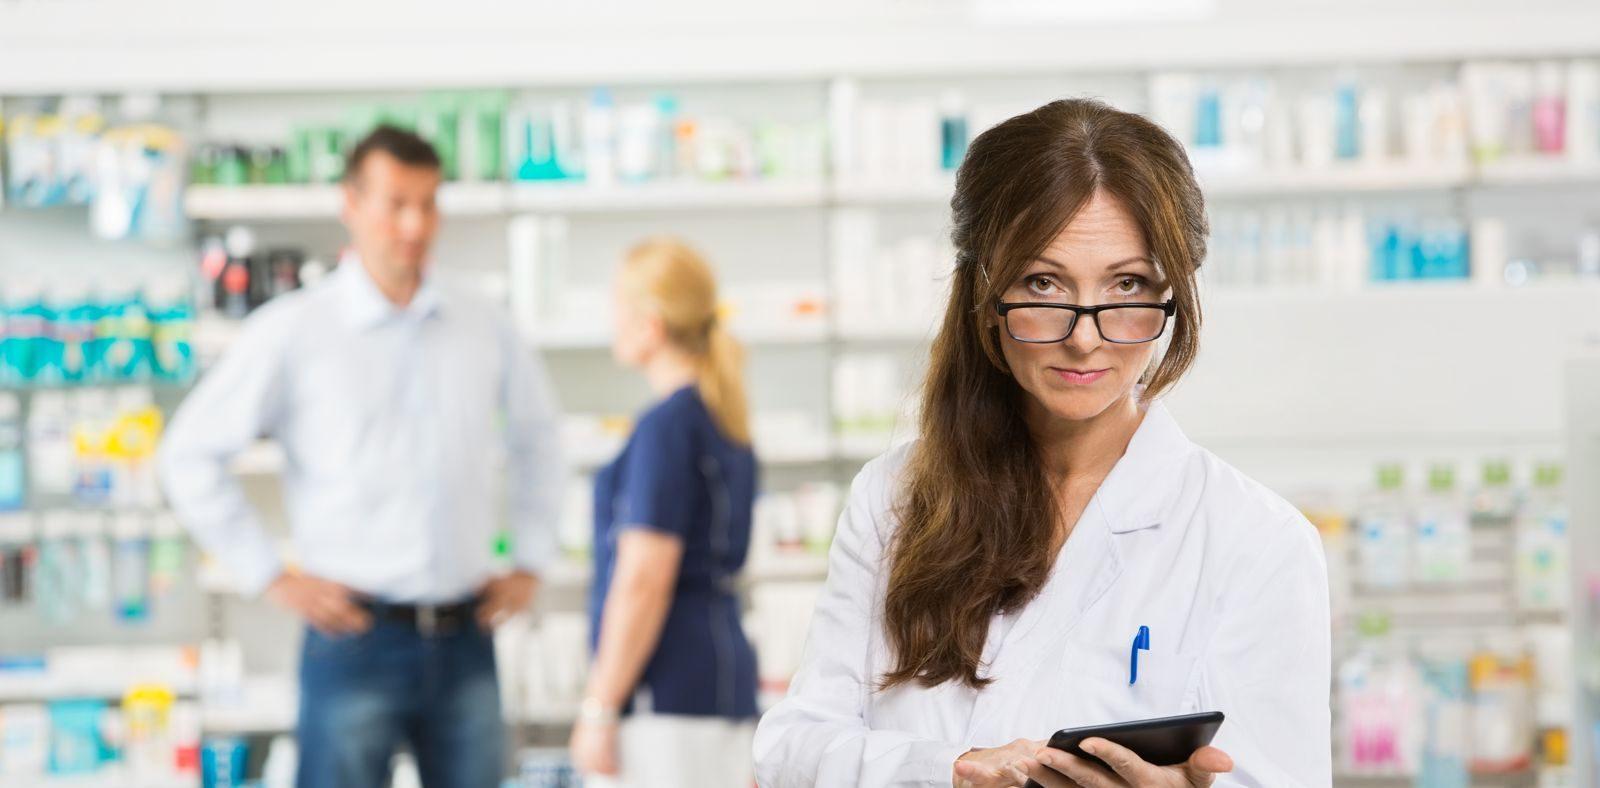 Supplying pharmacies and medical facilities